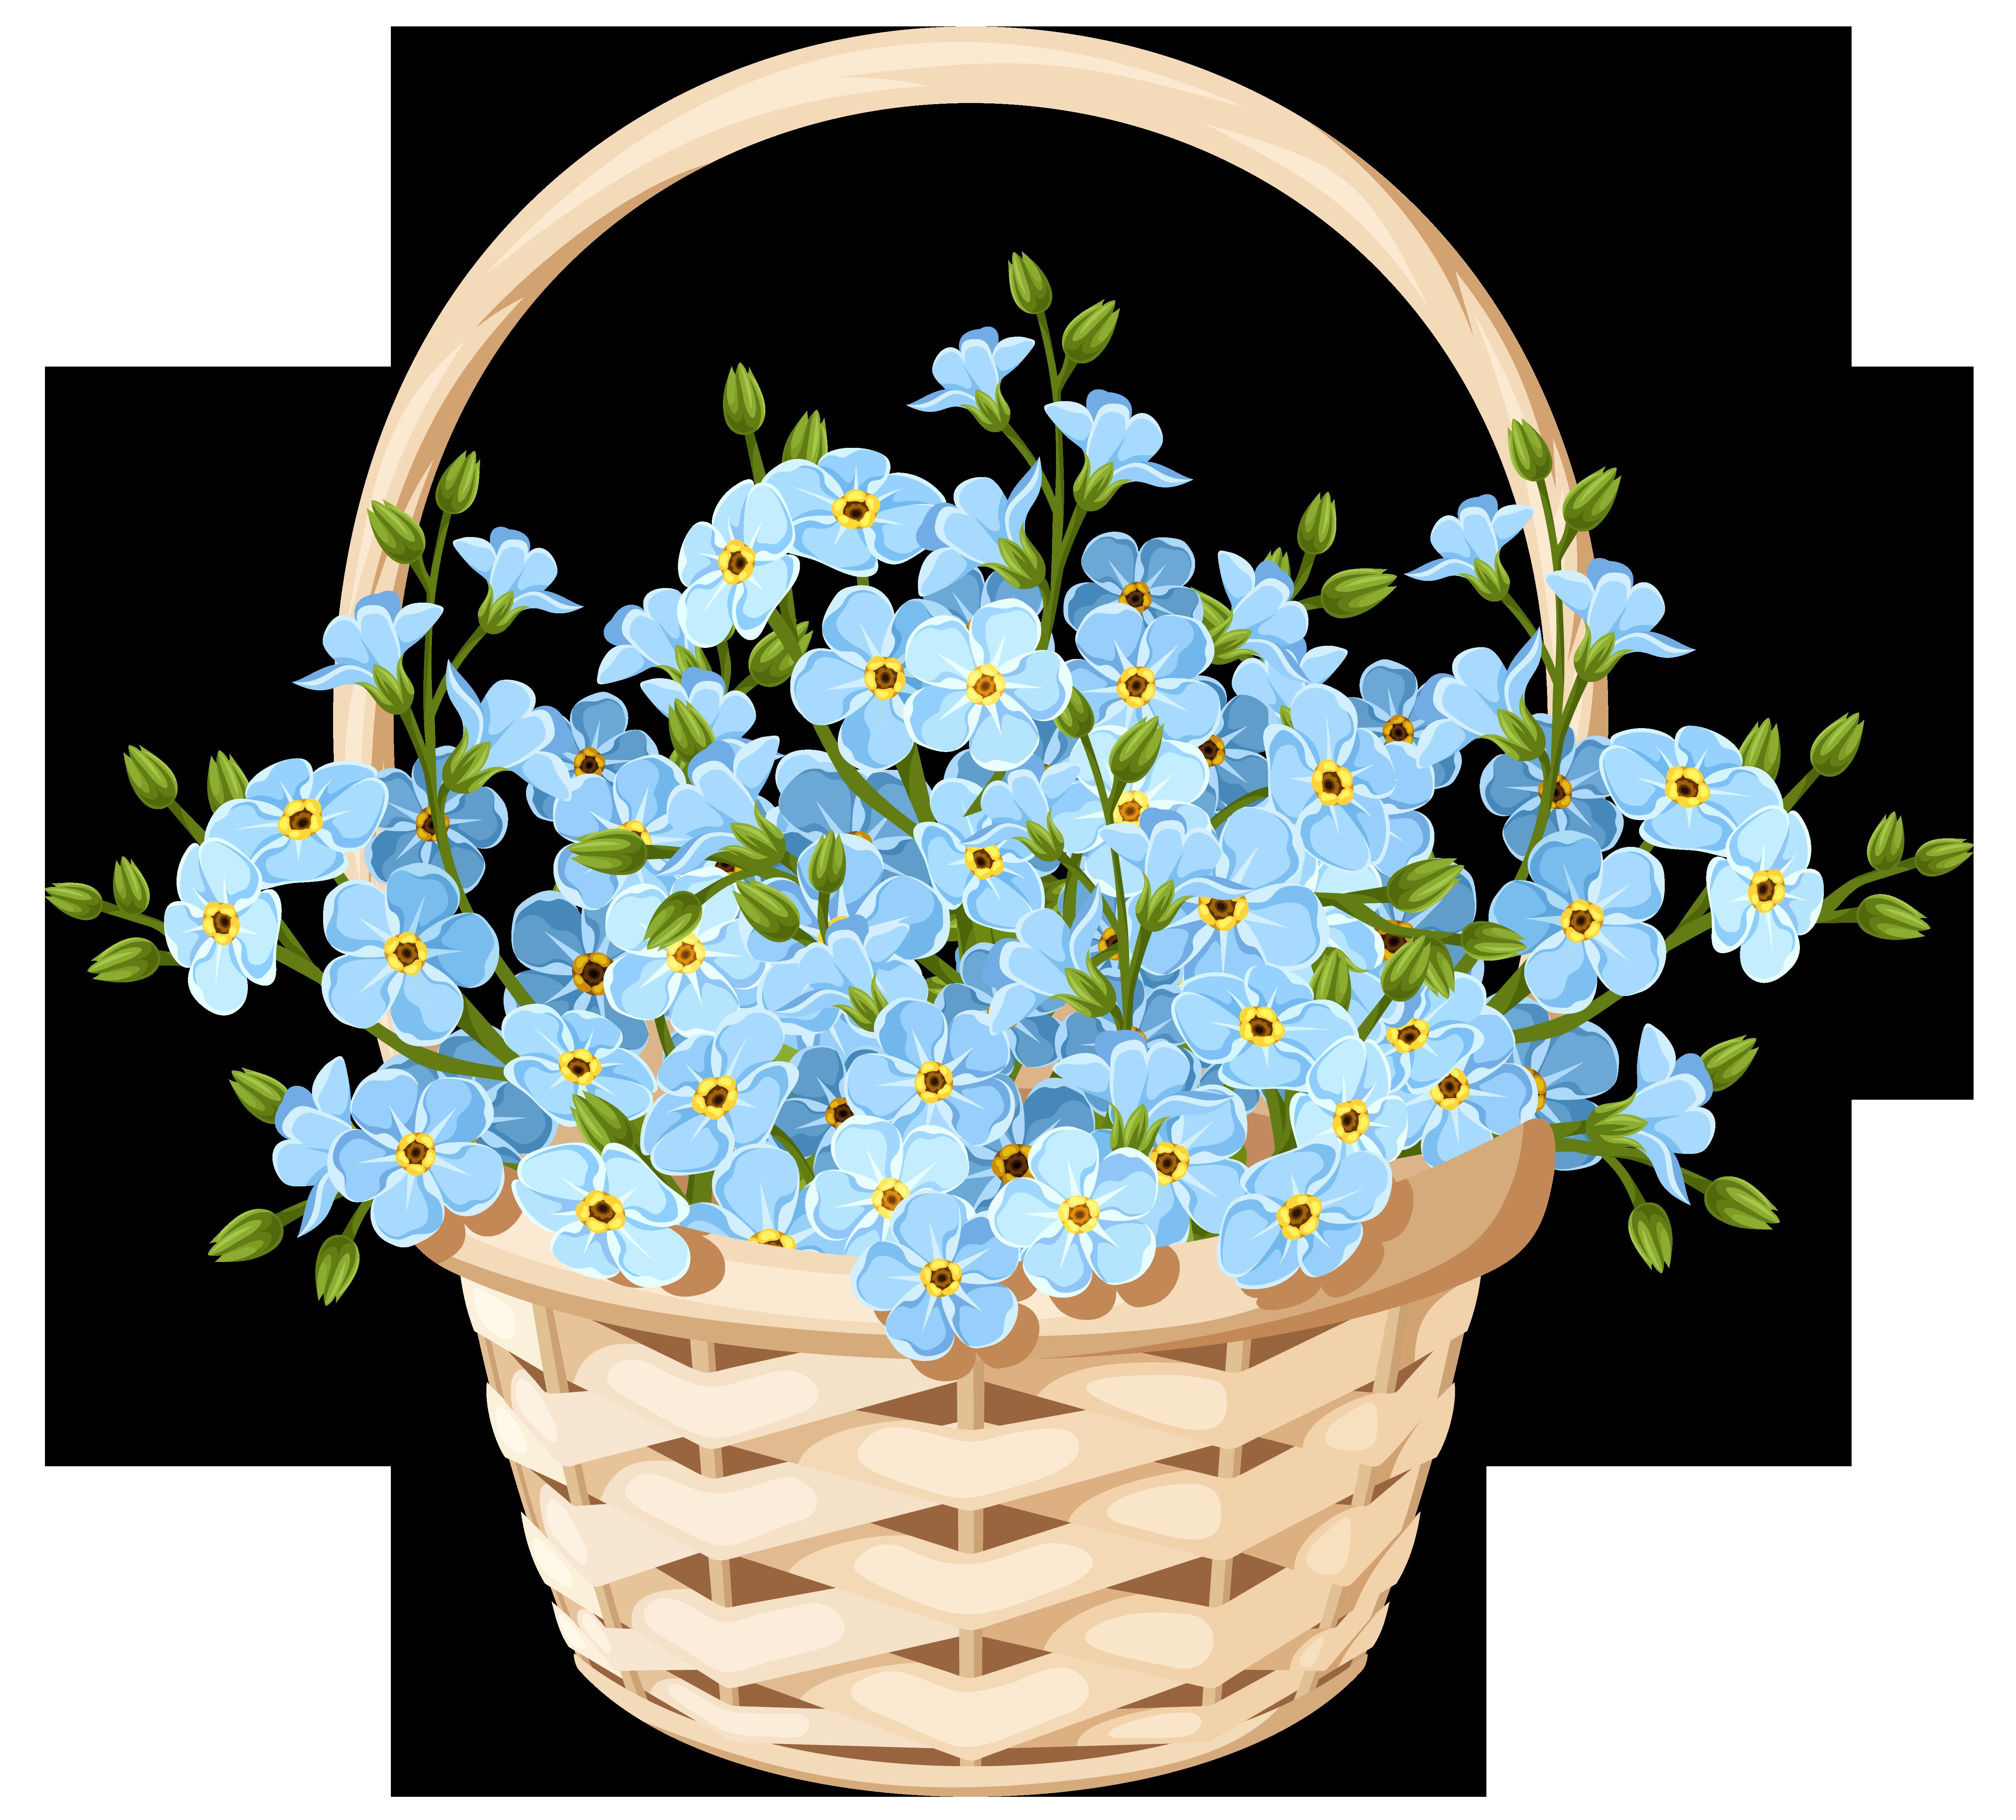 Flower Basket Transparent PNG Clip Art Image.